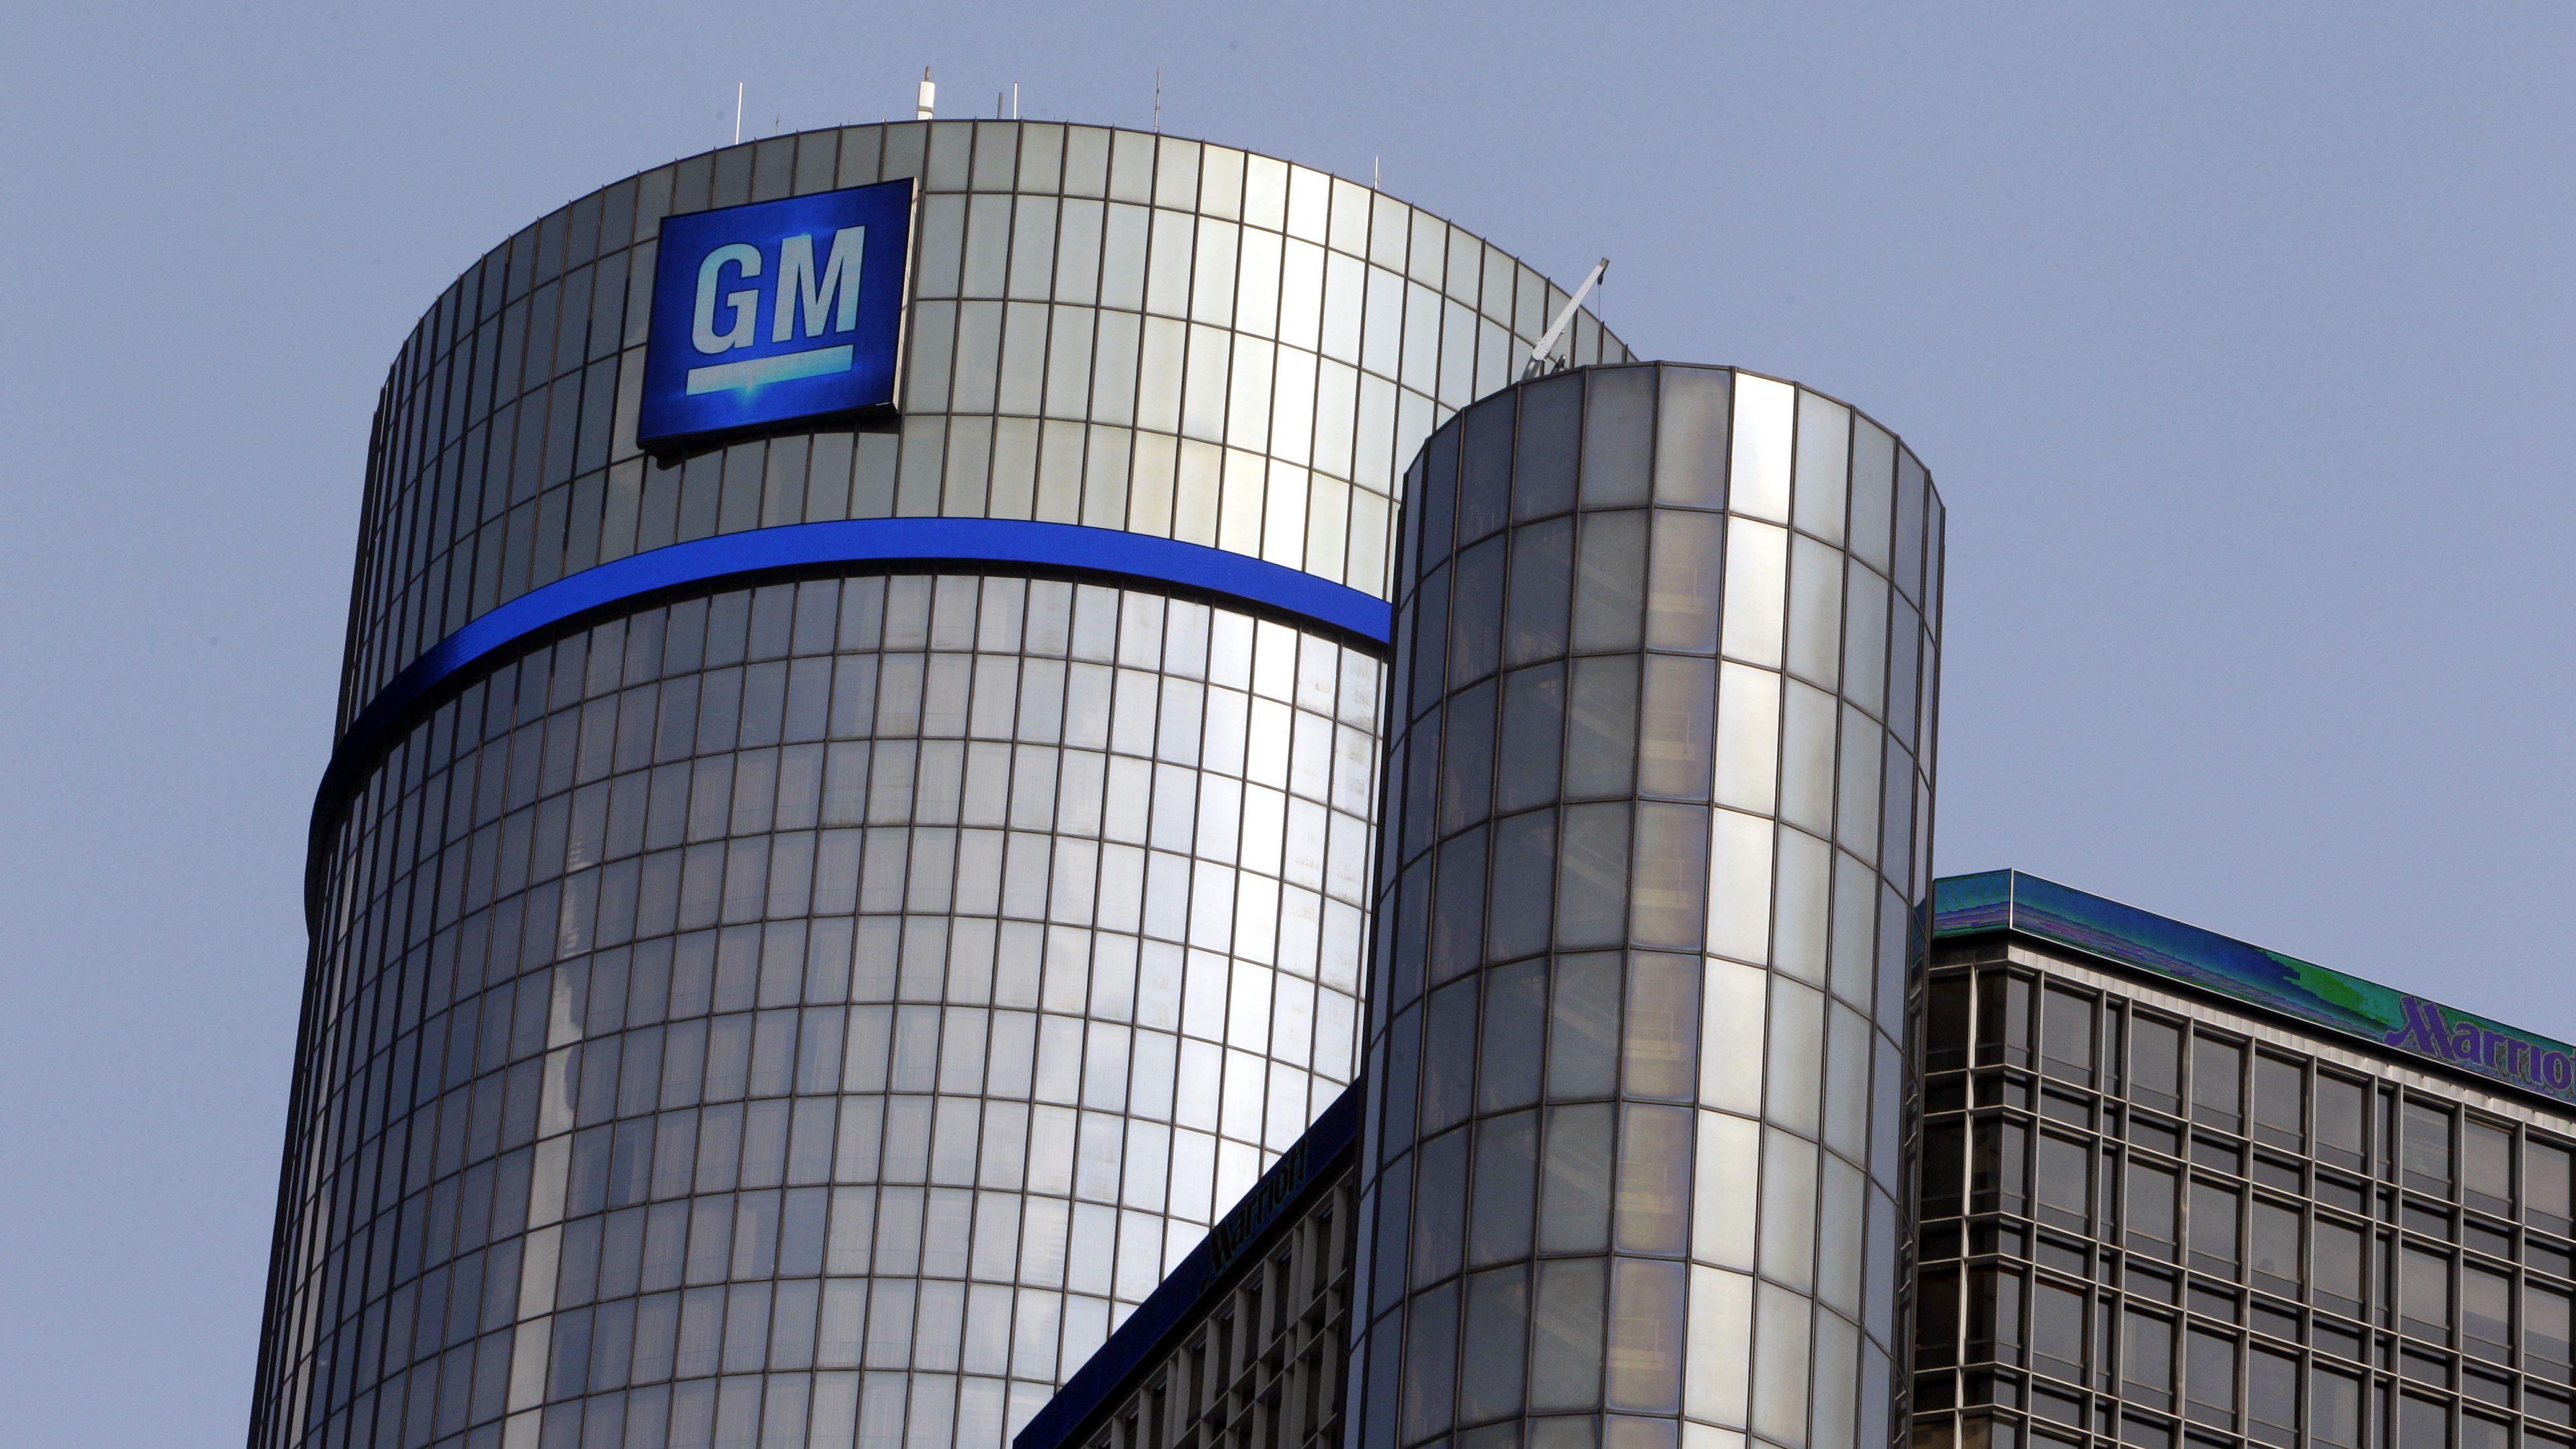 GM вытащит вторую по численности населения страну в мире, продаст другие операции в Quest for Cash